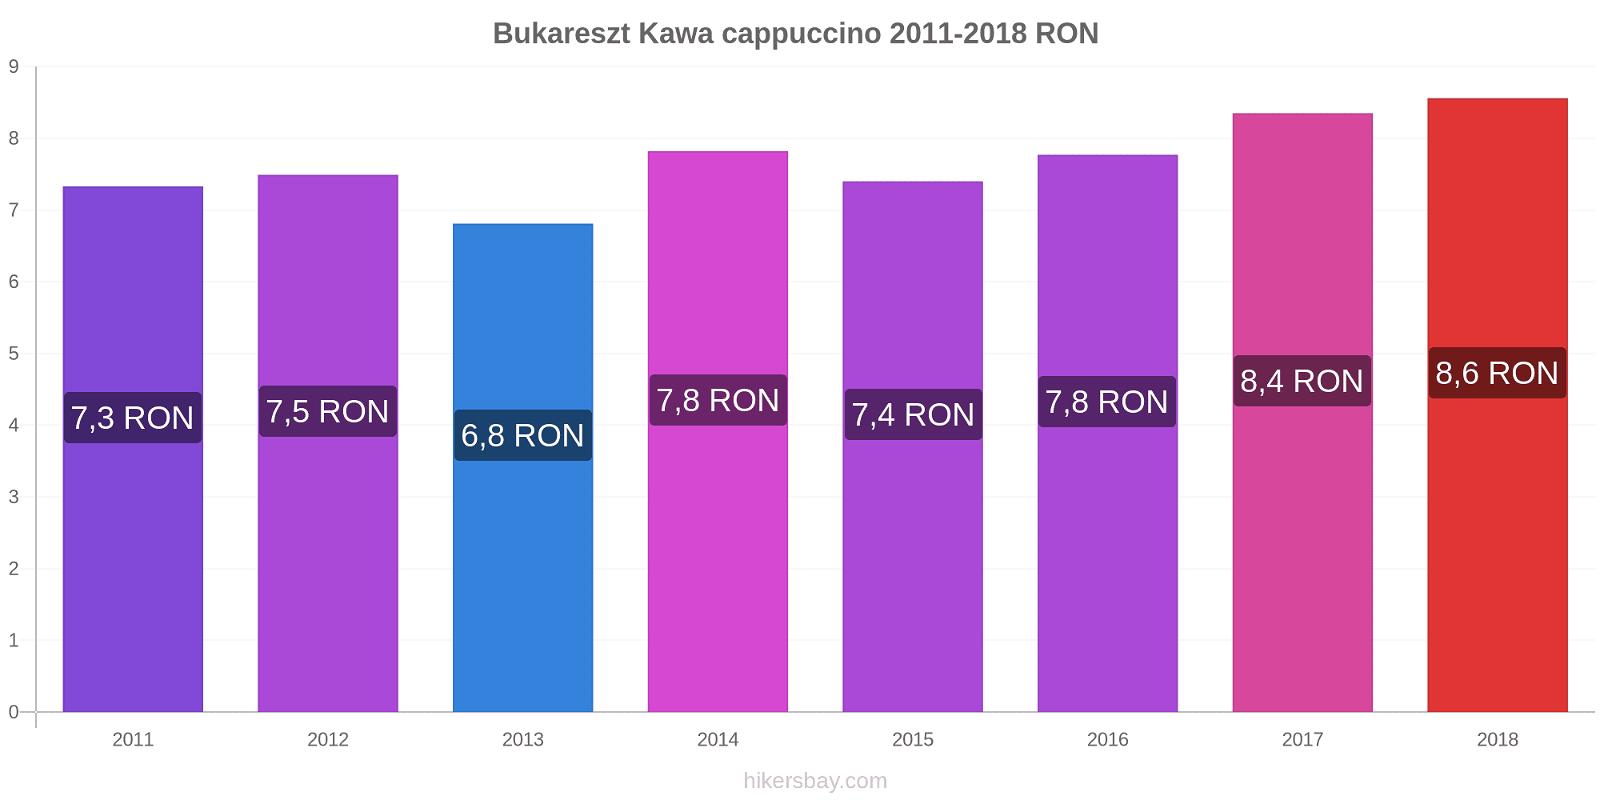 Bukareszt zmiany cen Kawa cappuccino hikersbay.com